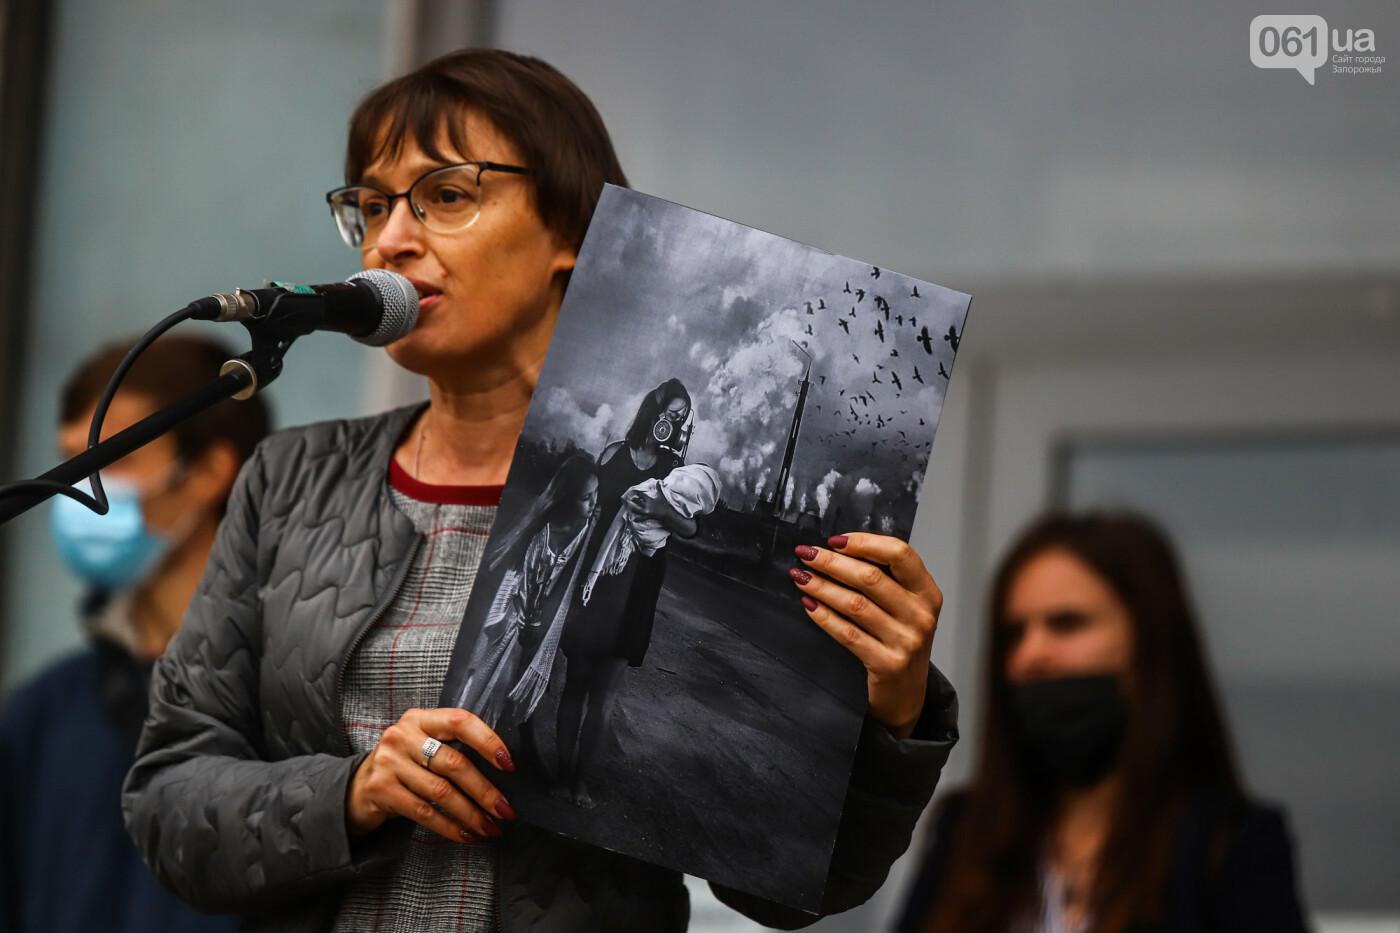 Маю право дихати: тысячи запорожцев вышли на экологический митинг, ФОТО, ВИДЕО, фото-54